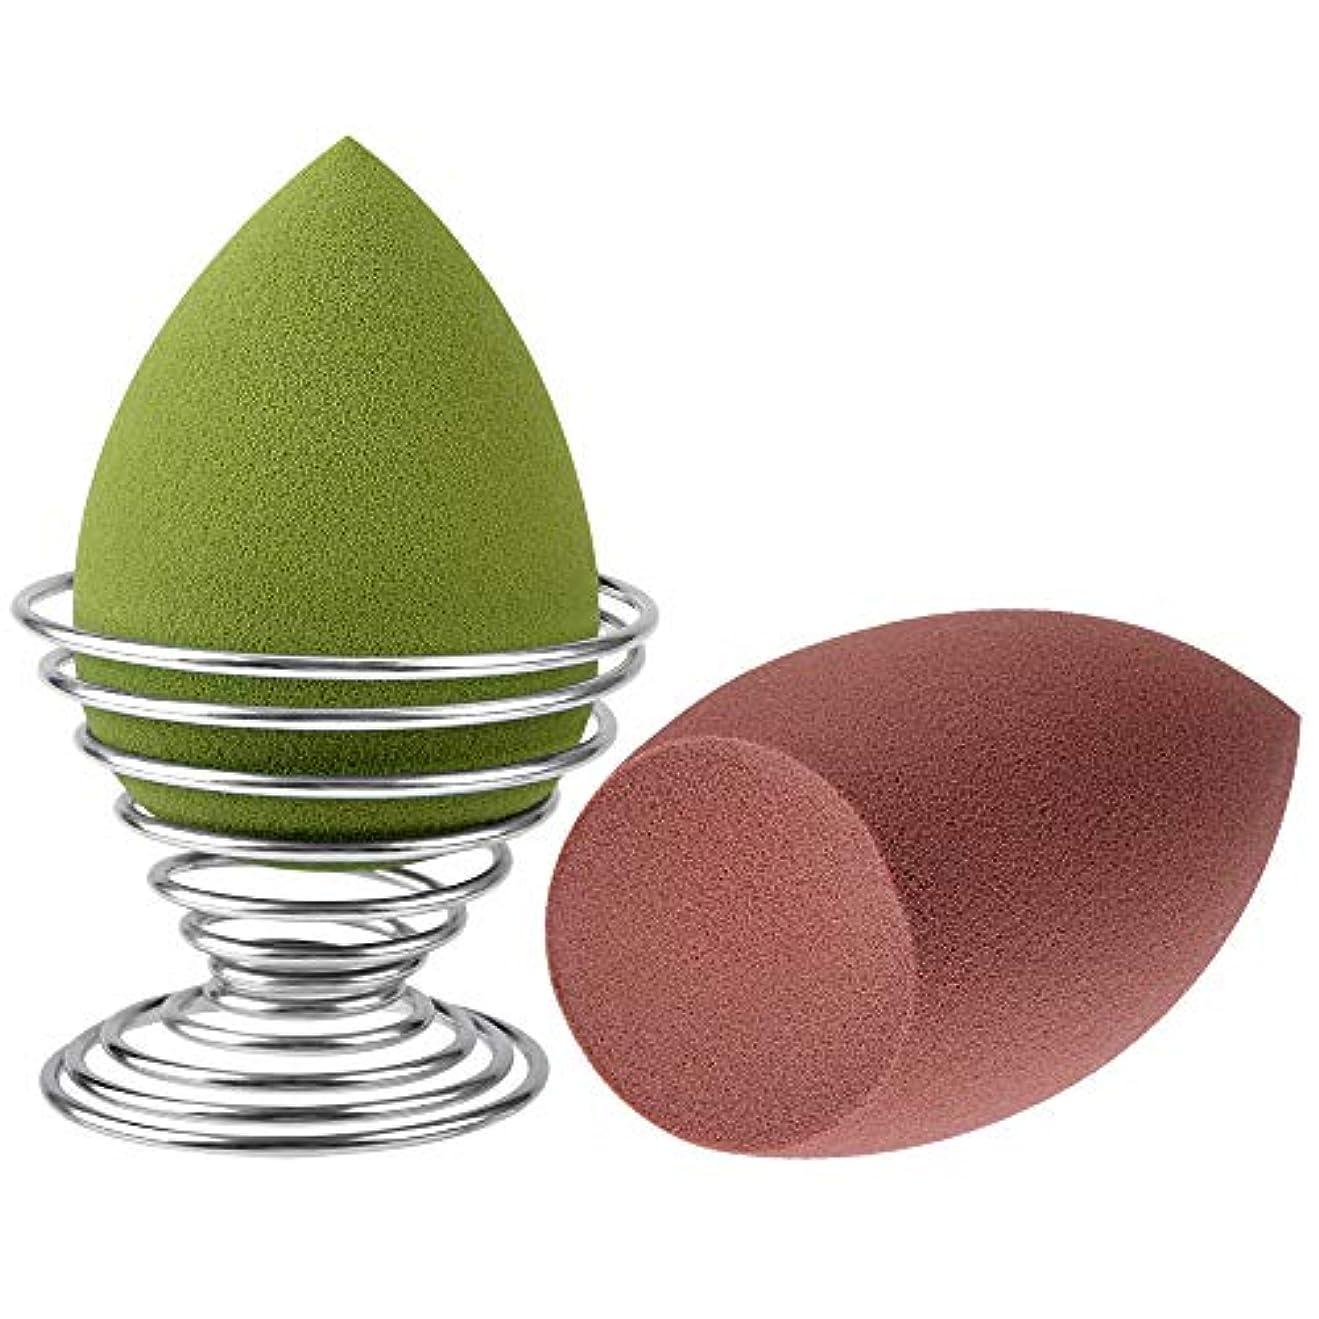 クロス電卓火山学者メイクスポンジパフ Ninonly 化粧スポンジ ファンデーションパフ 人気の贈り物 乾湿兼用 しずく型 収納ホルダー付き